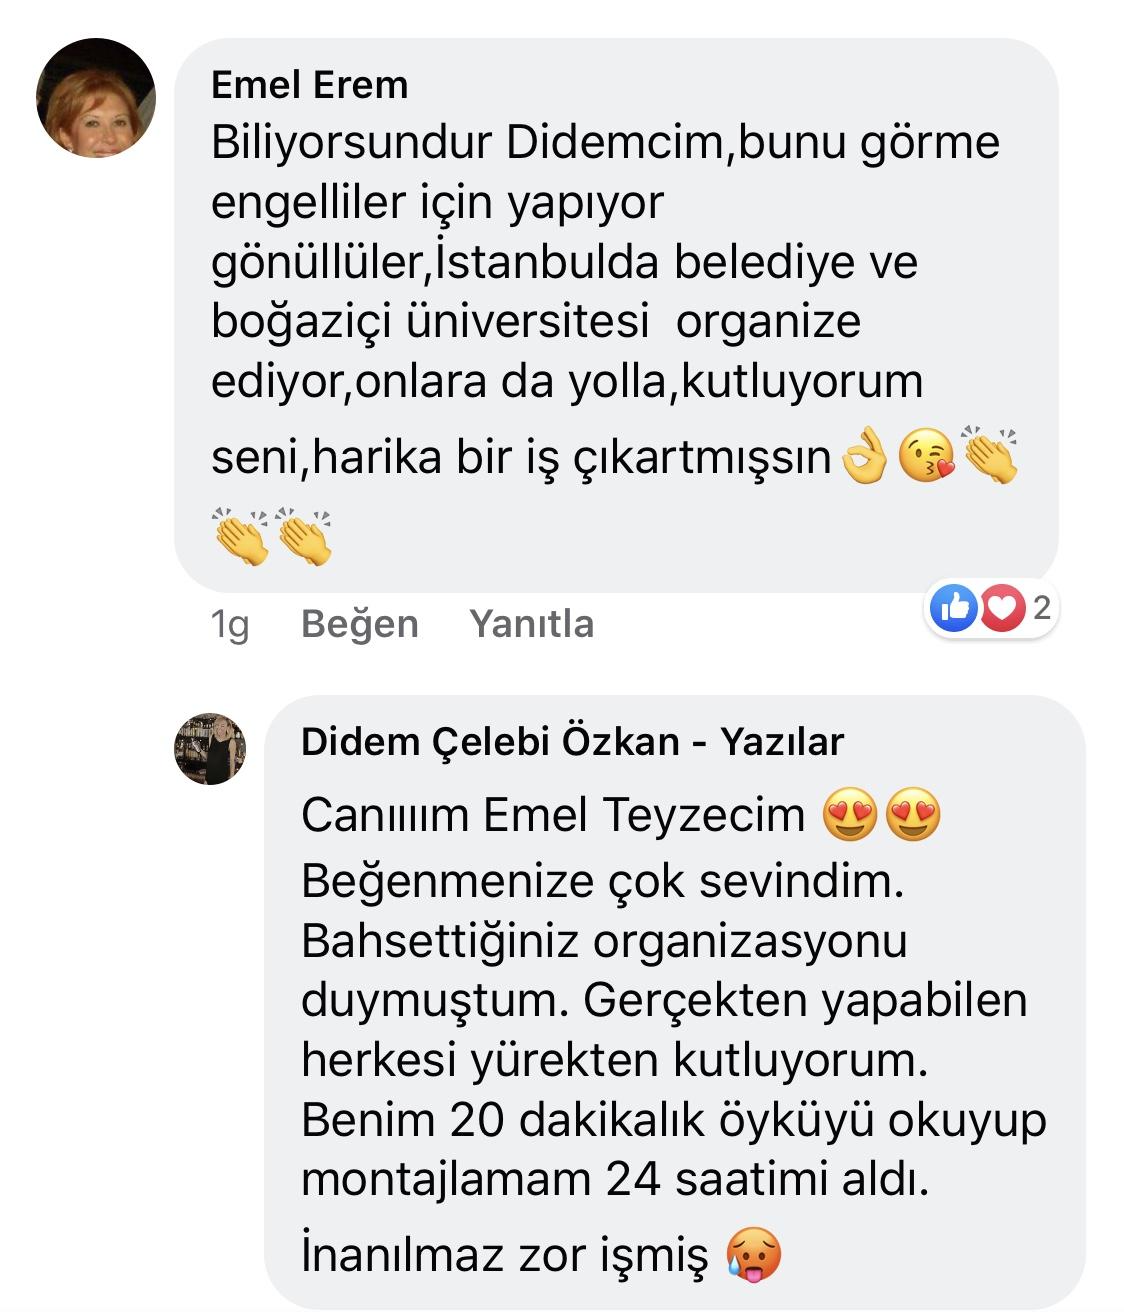 Umarım Bu Gece Öldürülmem   Didem Çelebi Özkan Facebook Yorumları   02